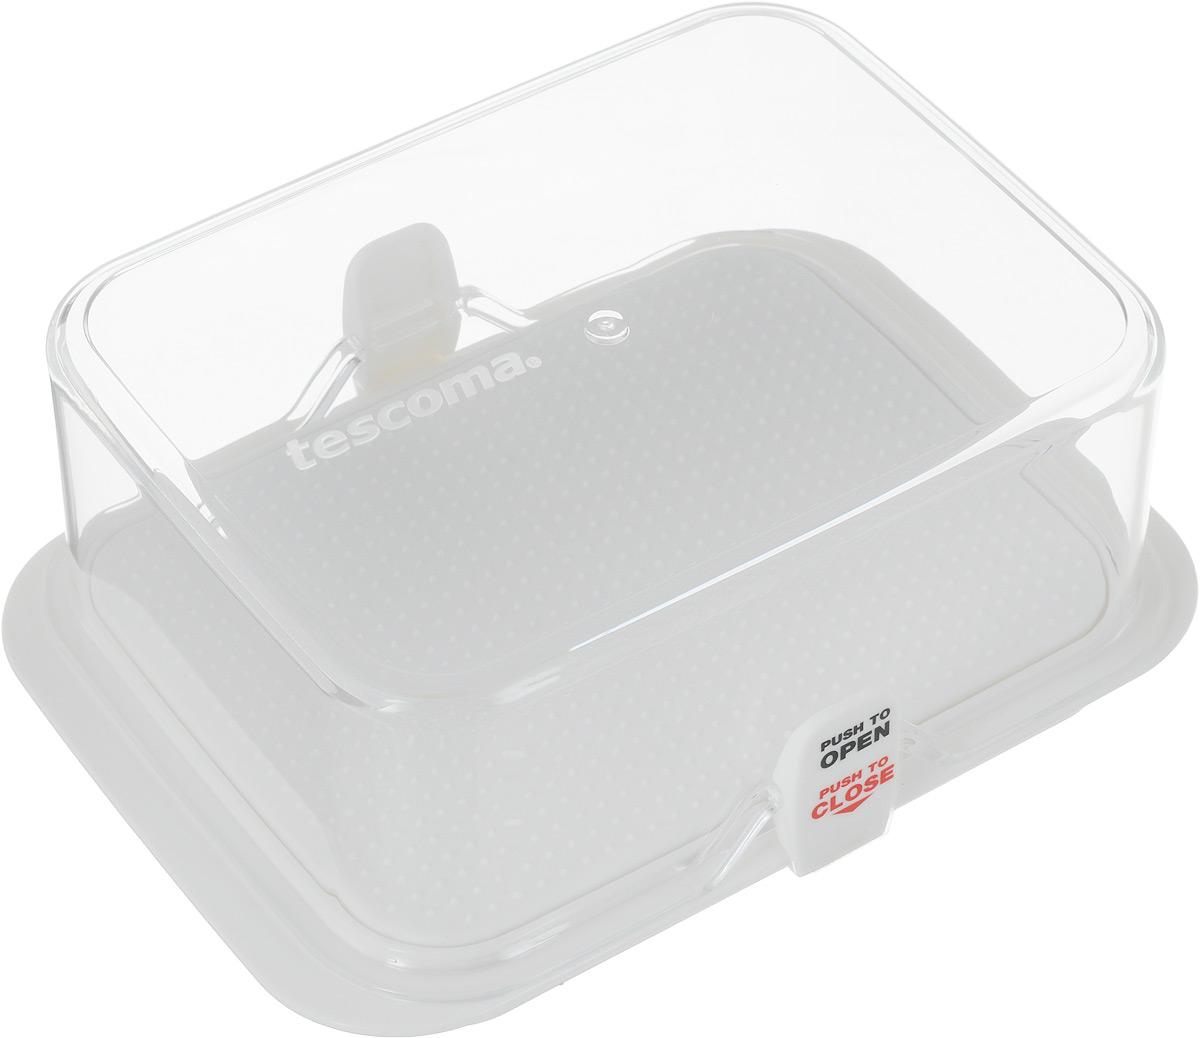 Kонтейнер для холодильника Tescoma Purity, 14 х 11 х 6,5. 891830891830Kонтейнер Tescoma Purity выполнен из высококачественного пищевого пластика, который используется в здравоохранении и фармацевтики. Изделие отлично подходит для гигиеничного хранения продуктов в холодильнике. Используемый материал не влияет на качество продуктов даже при длительном хранении. Данный контейнер можно использовать в качестве масленки. Рифленое дно не дает маслу скользить по дну. В комплекте имеются запасные замки-крылышки. Можно мыть в посудомоечной машине.